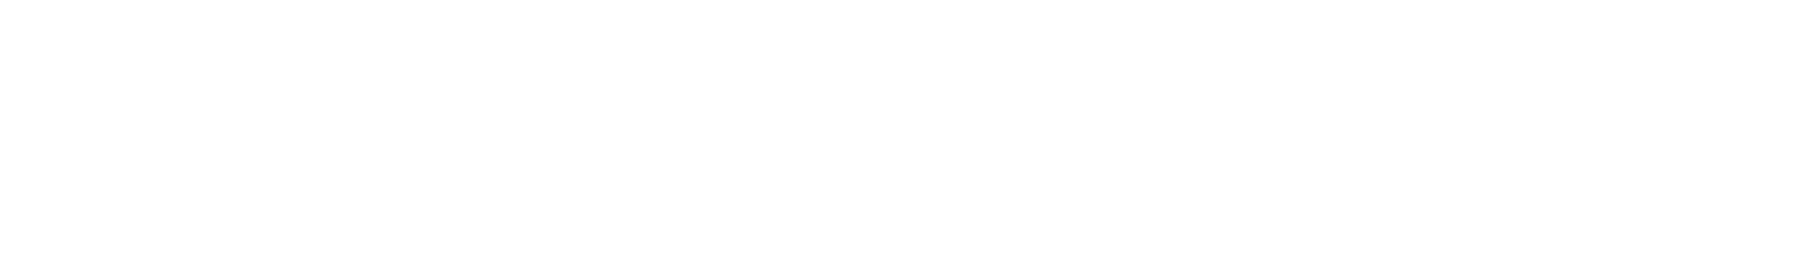 guitarfunk13 100